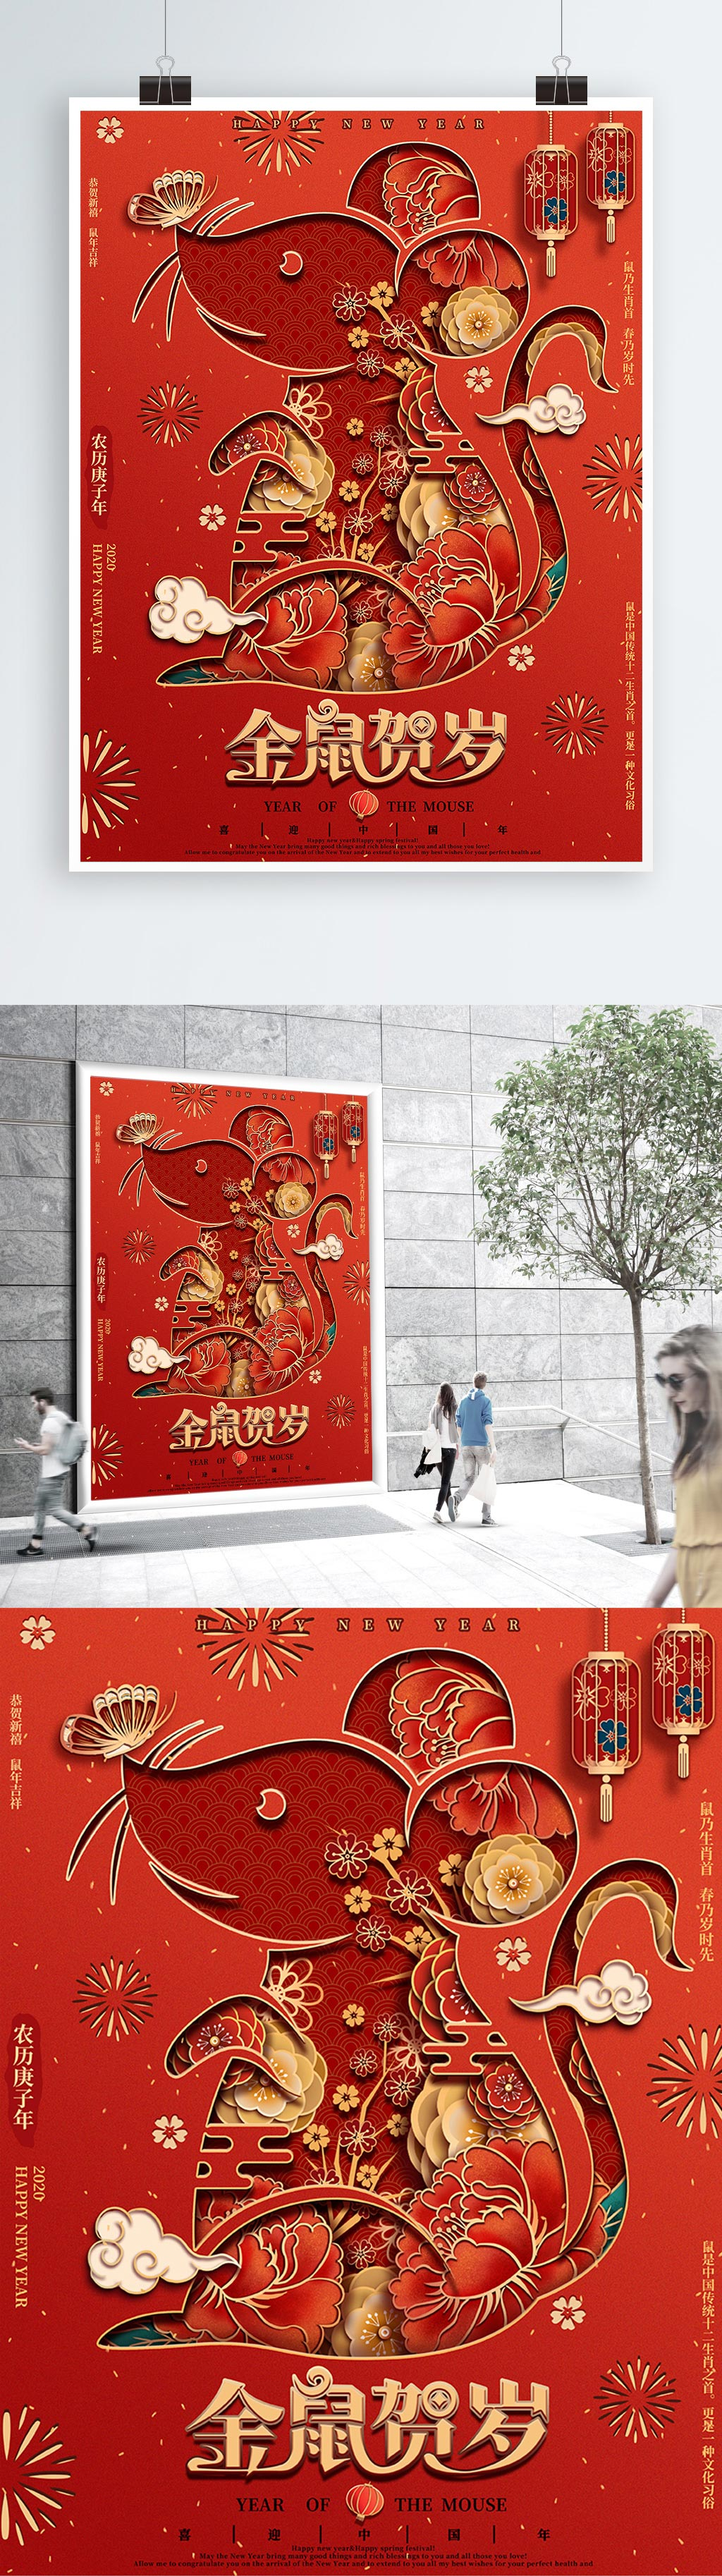 大红色中式婚礼邀请函古典中国风新婚